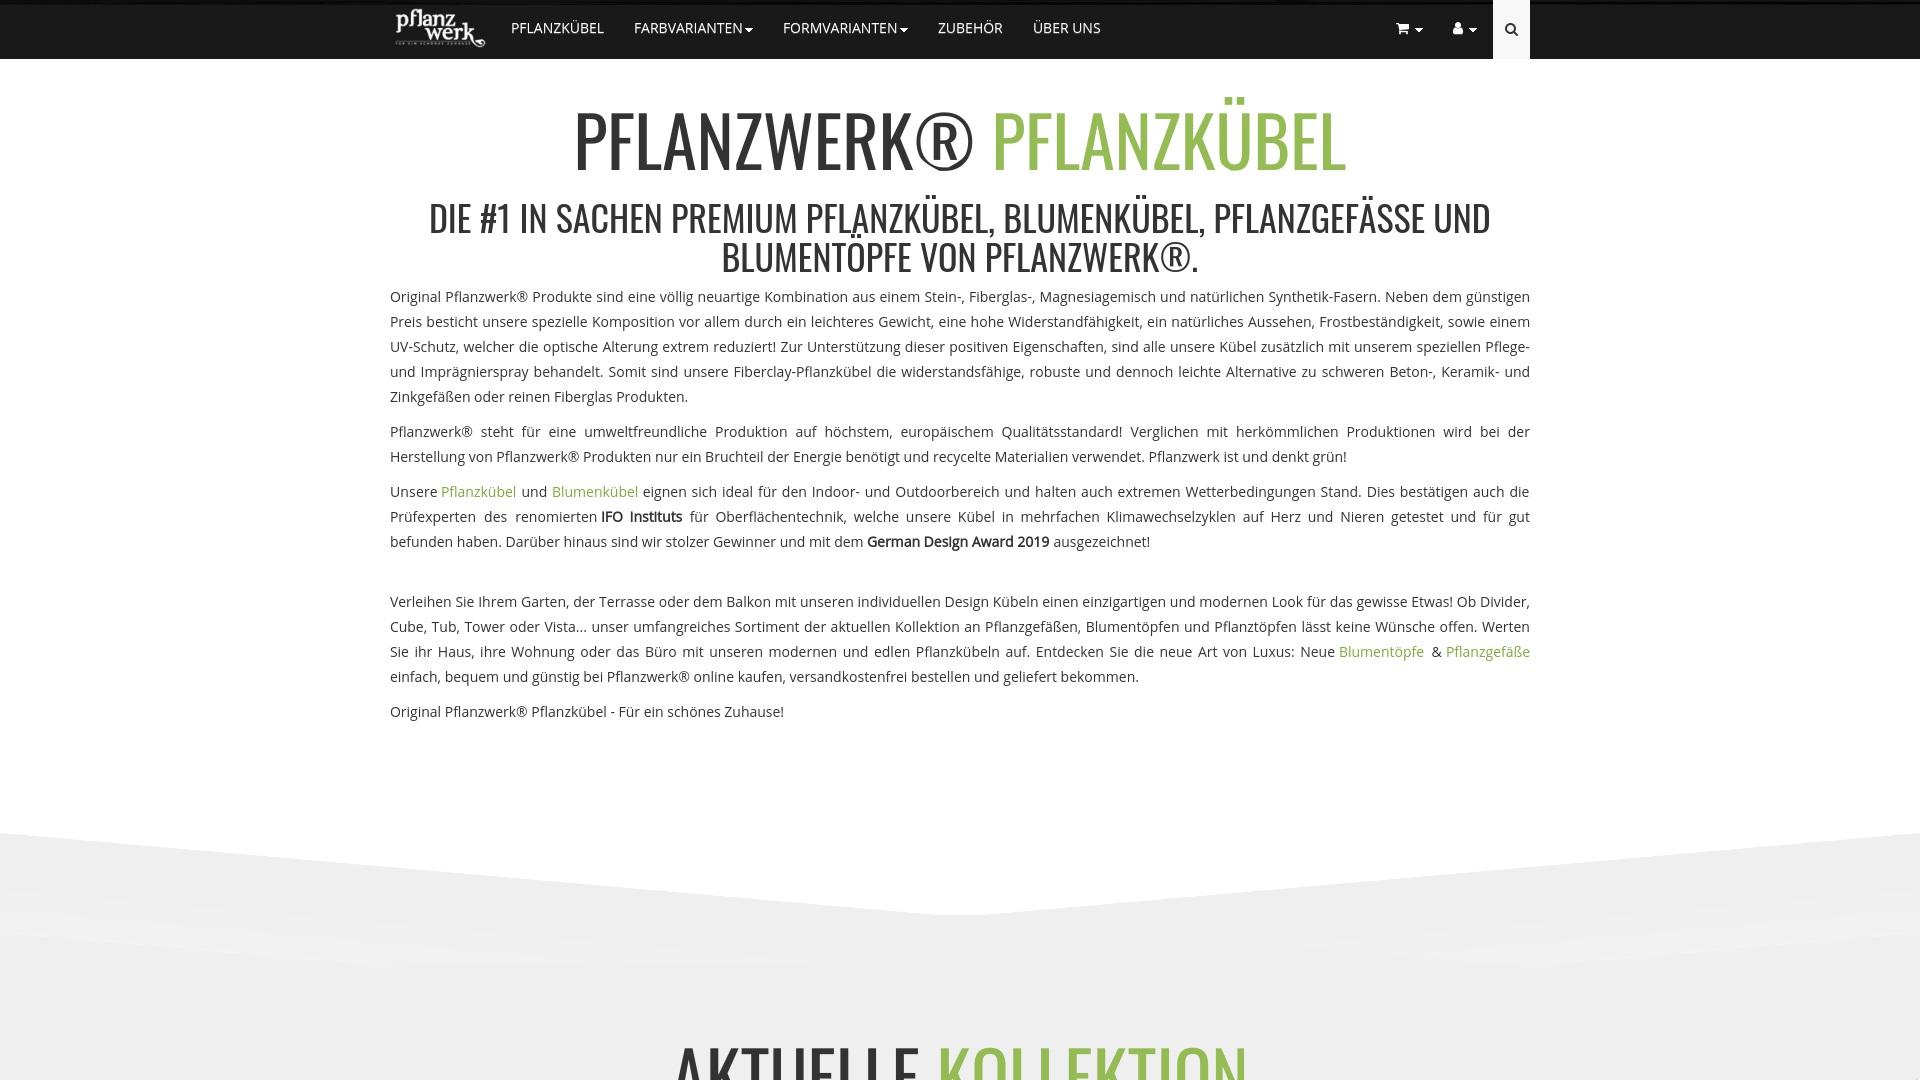 Gutschein für Pflanzwerk-shop: Rabatte für  Pflanzwerk-shop sichern